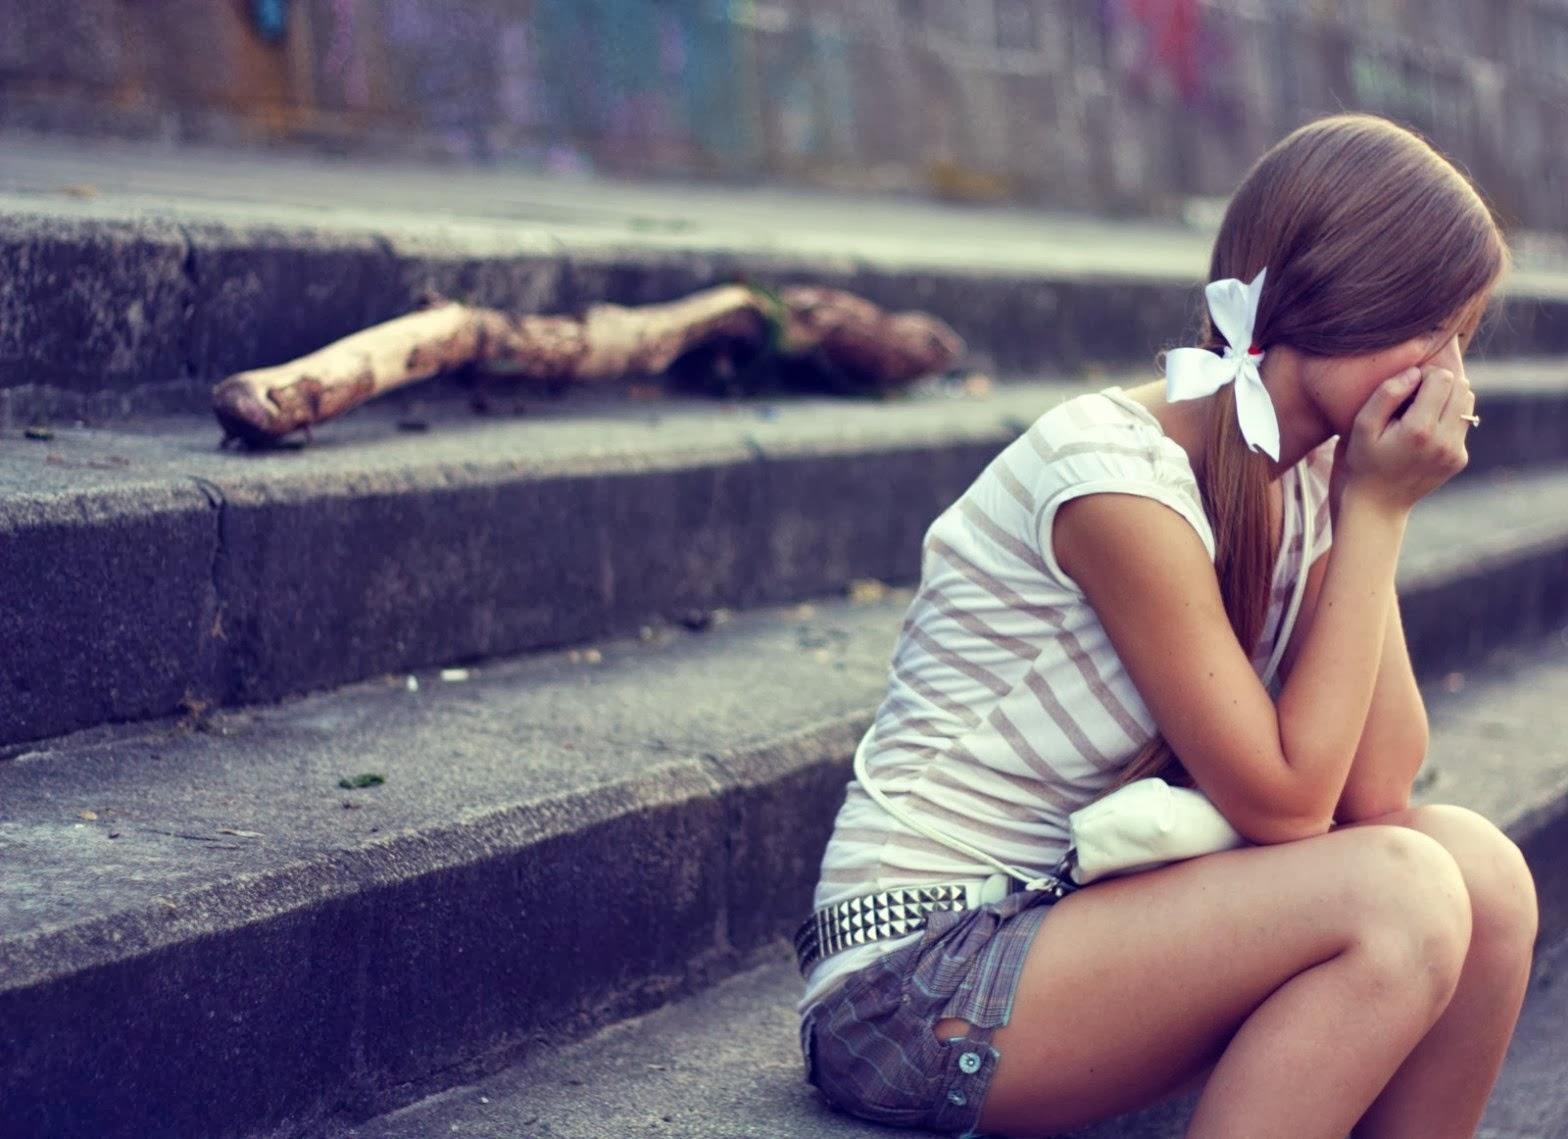 احلى صور بنات حزينة جدا اجمل صور بنات معبرة عن الحزن 2019